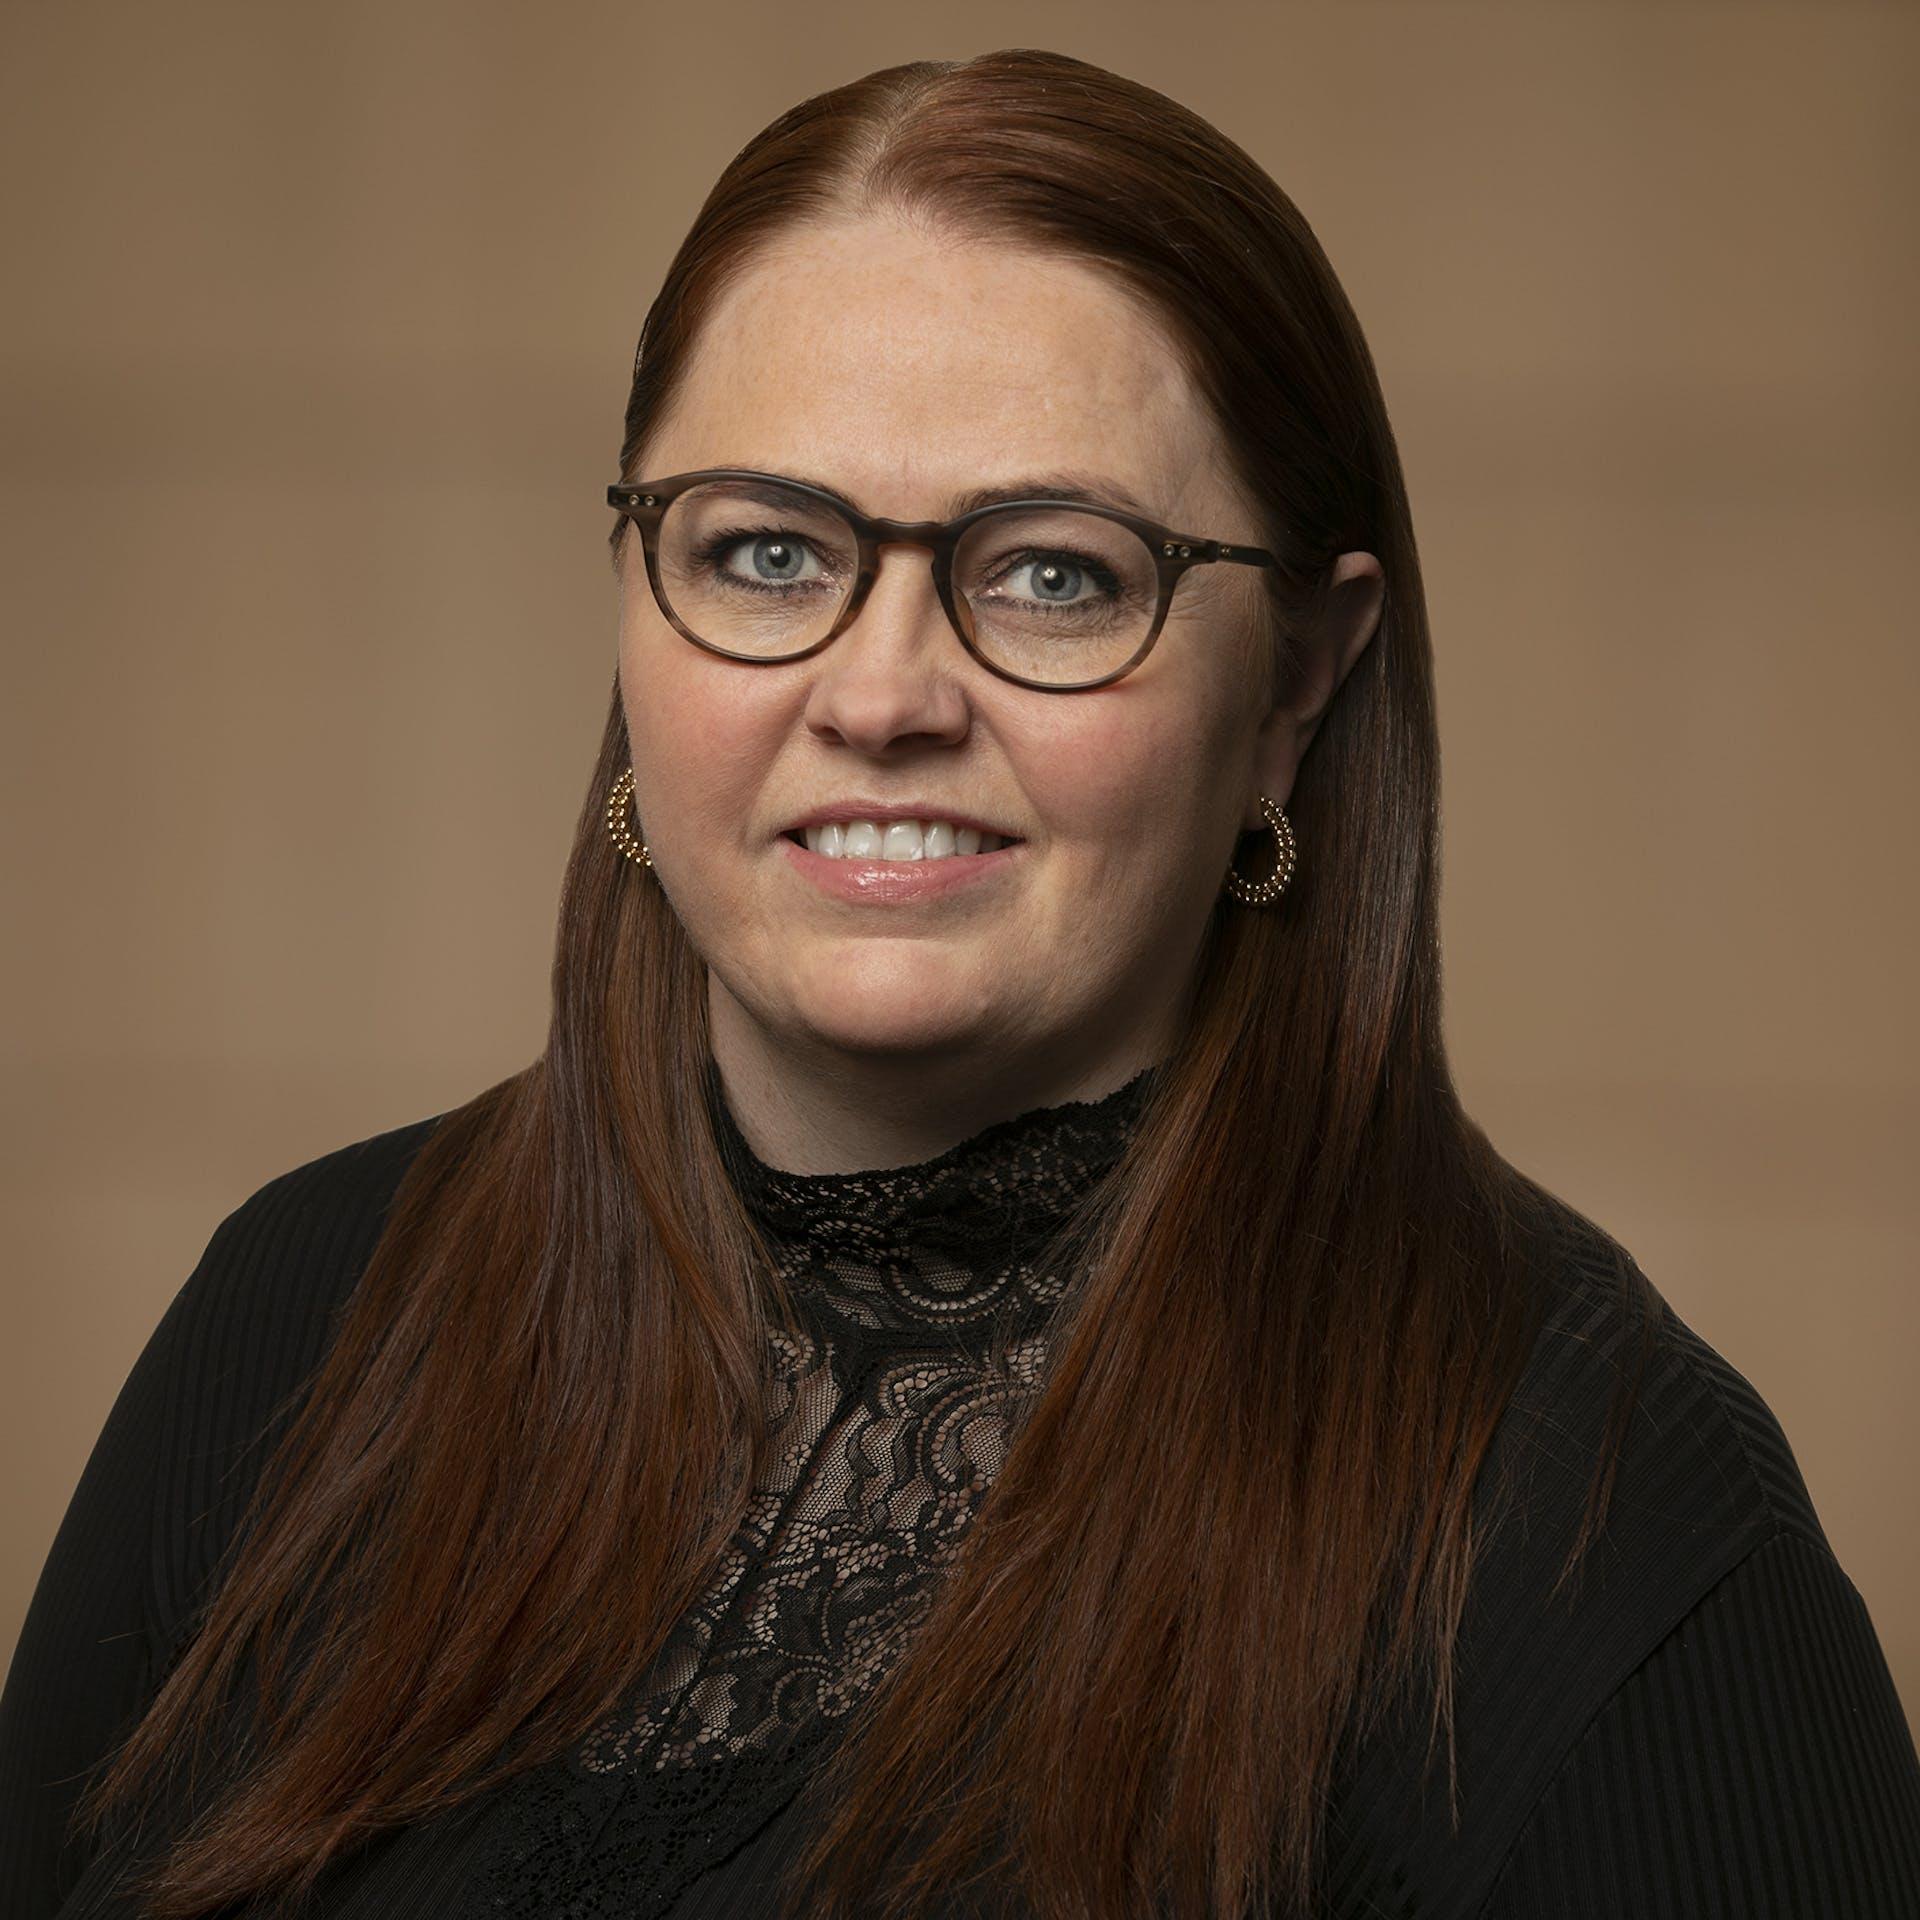 Elva Ösp Magnúsdóttir